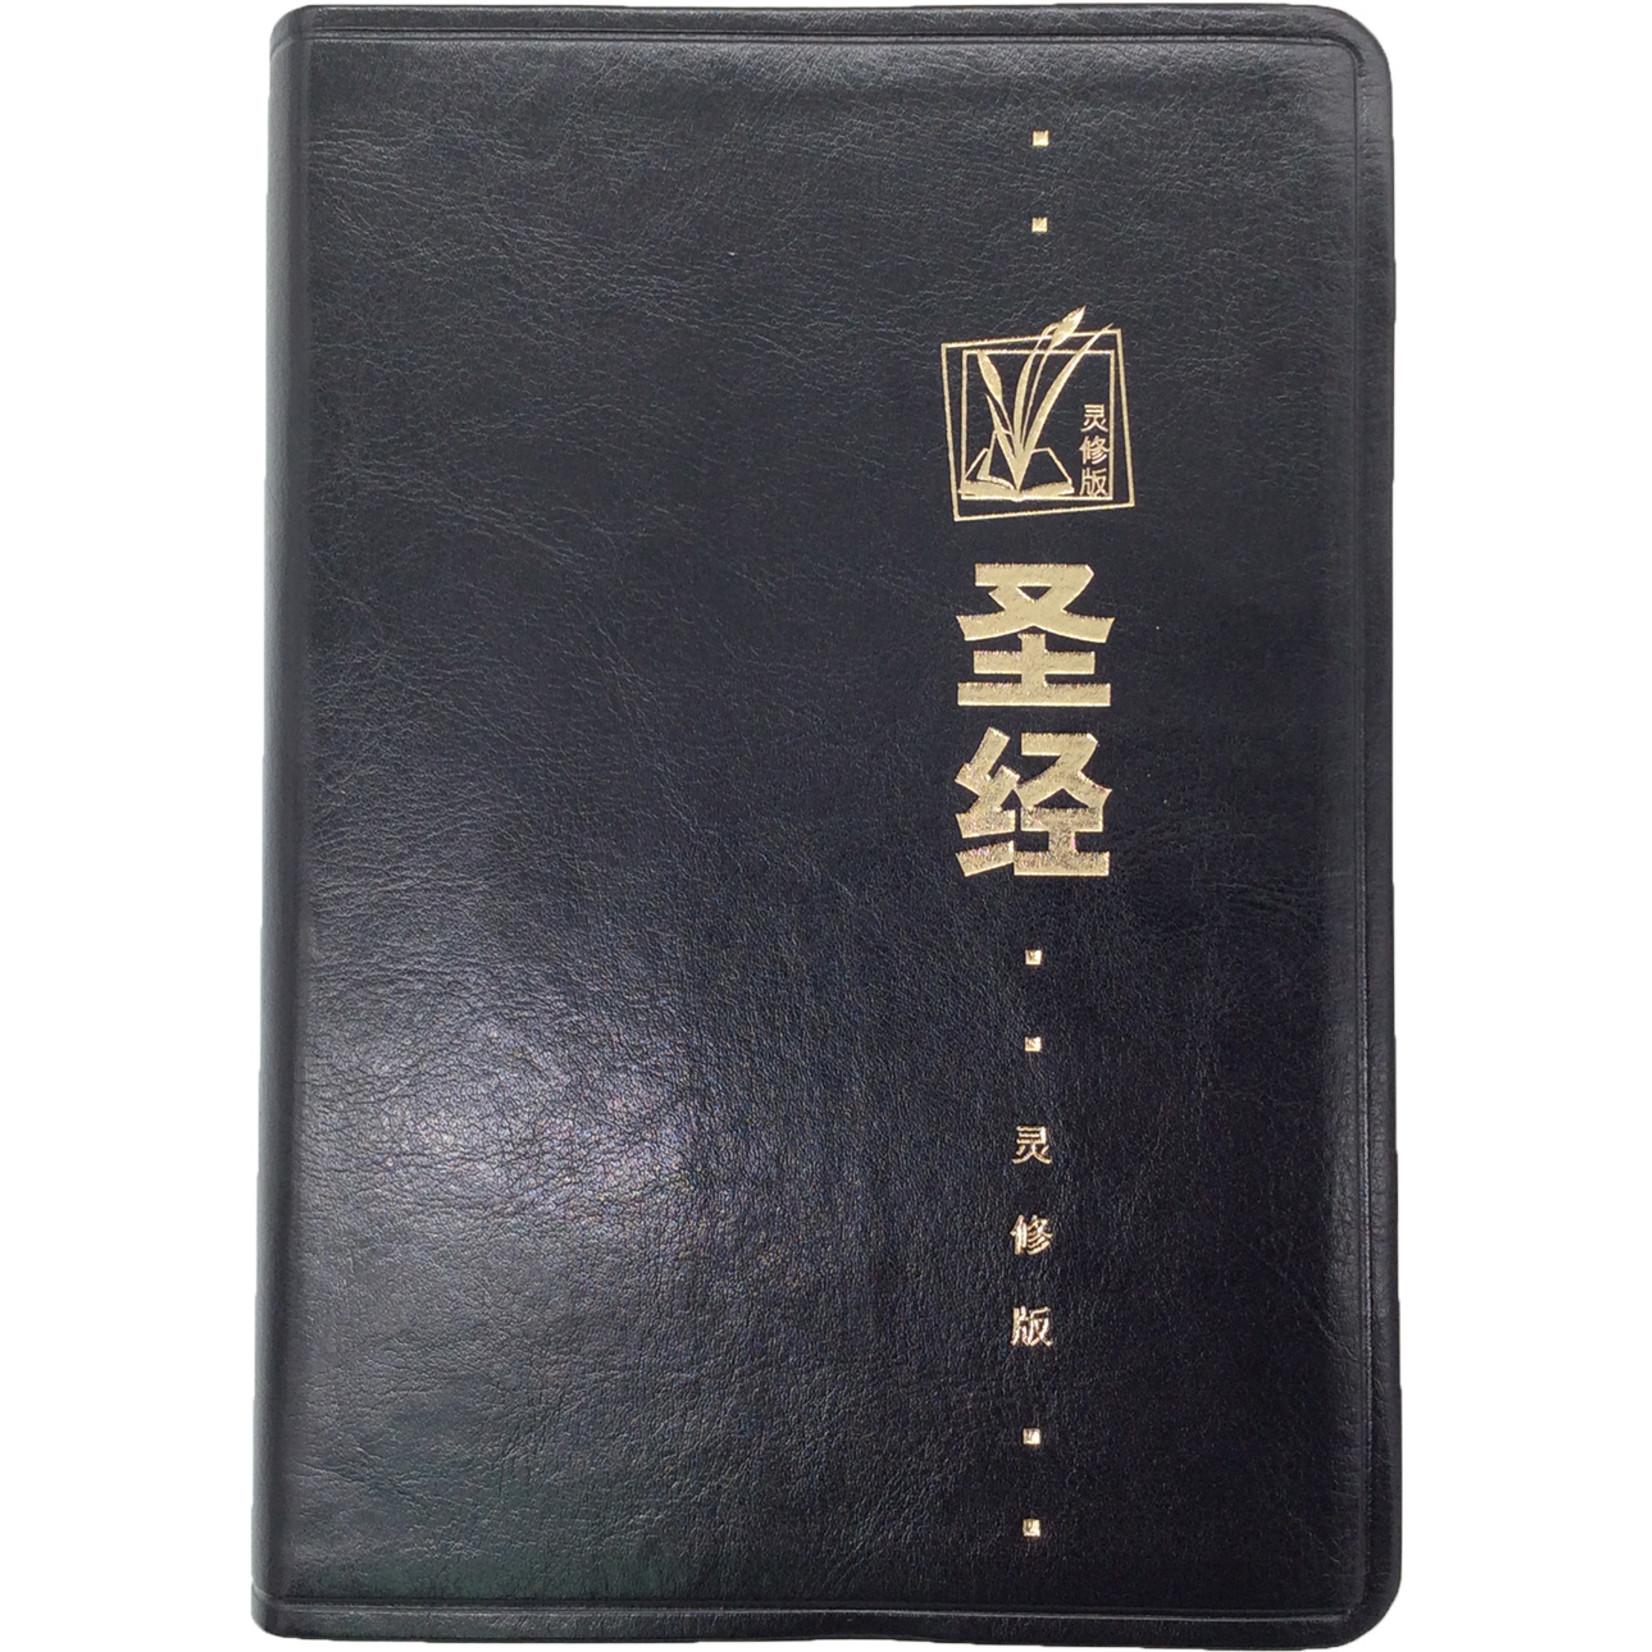 漢語聖經協會 Chinese Bible International 聖經.和合本.靈修版.黑色仿皮金邊.簡體